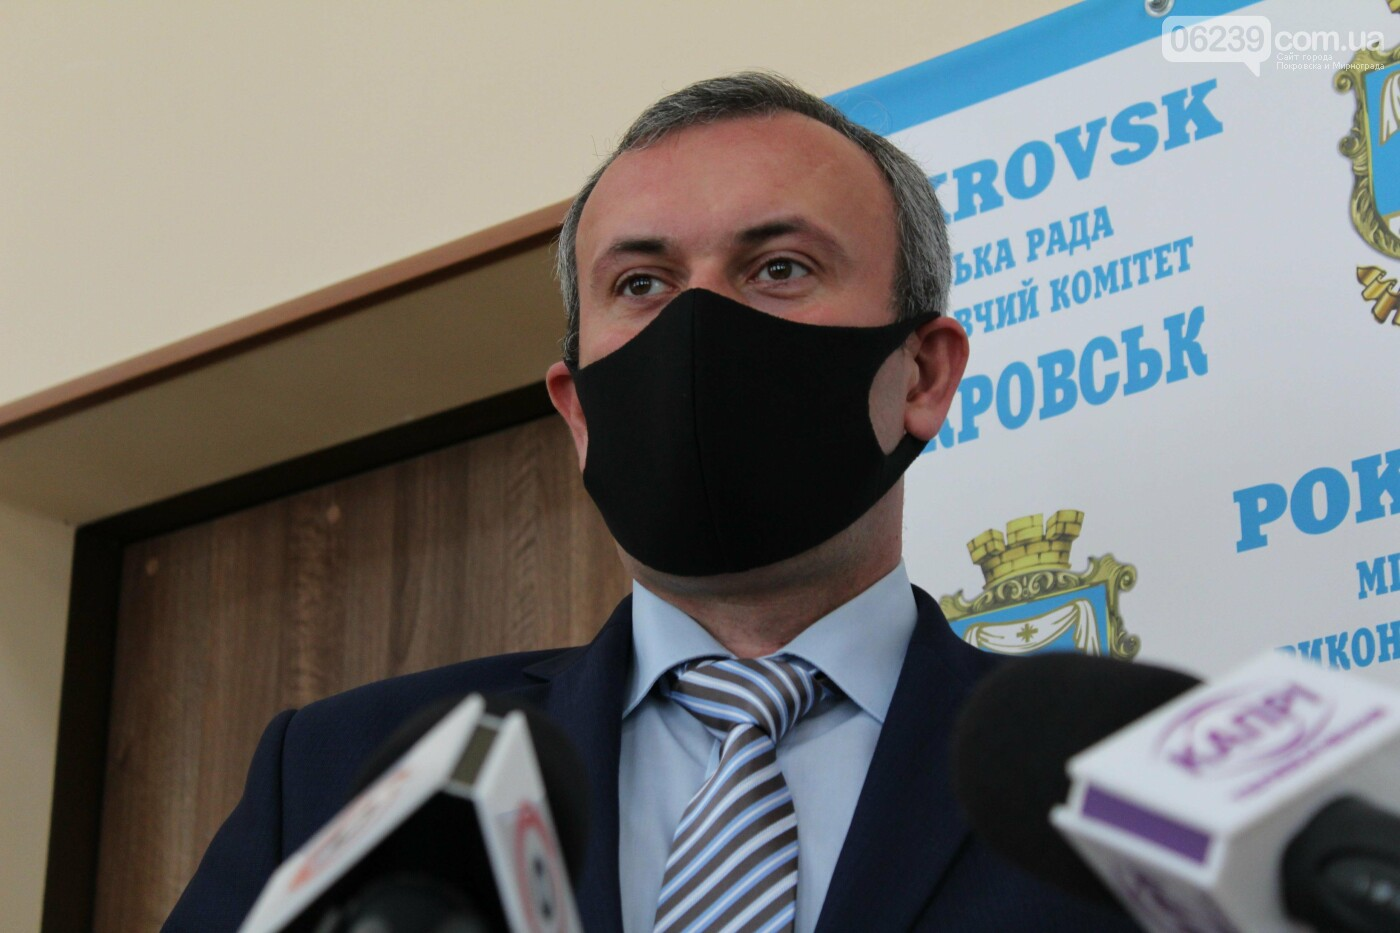 Покровская окружная районная прокуратура станет наибольшей в Донецкой области, фото-1